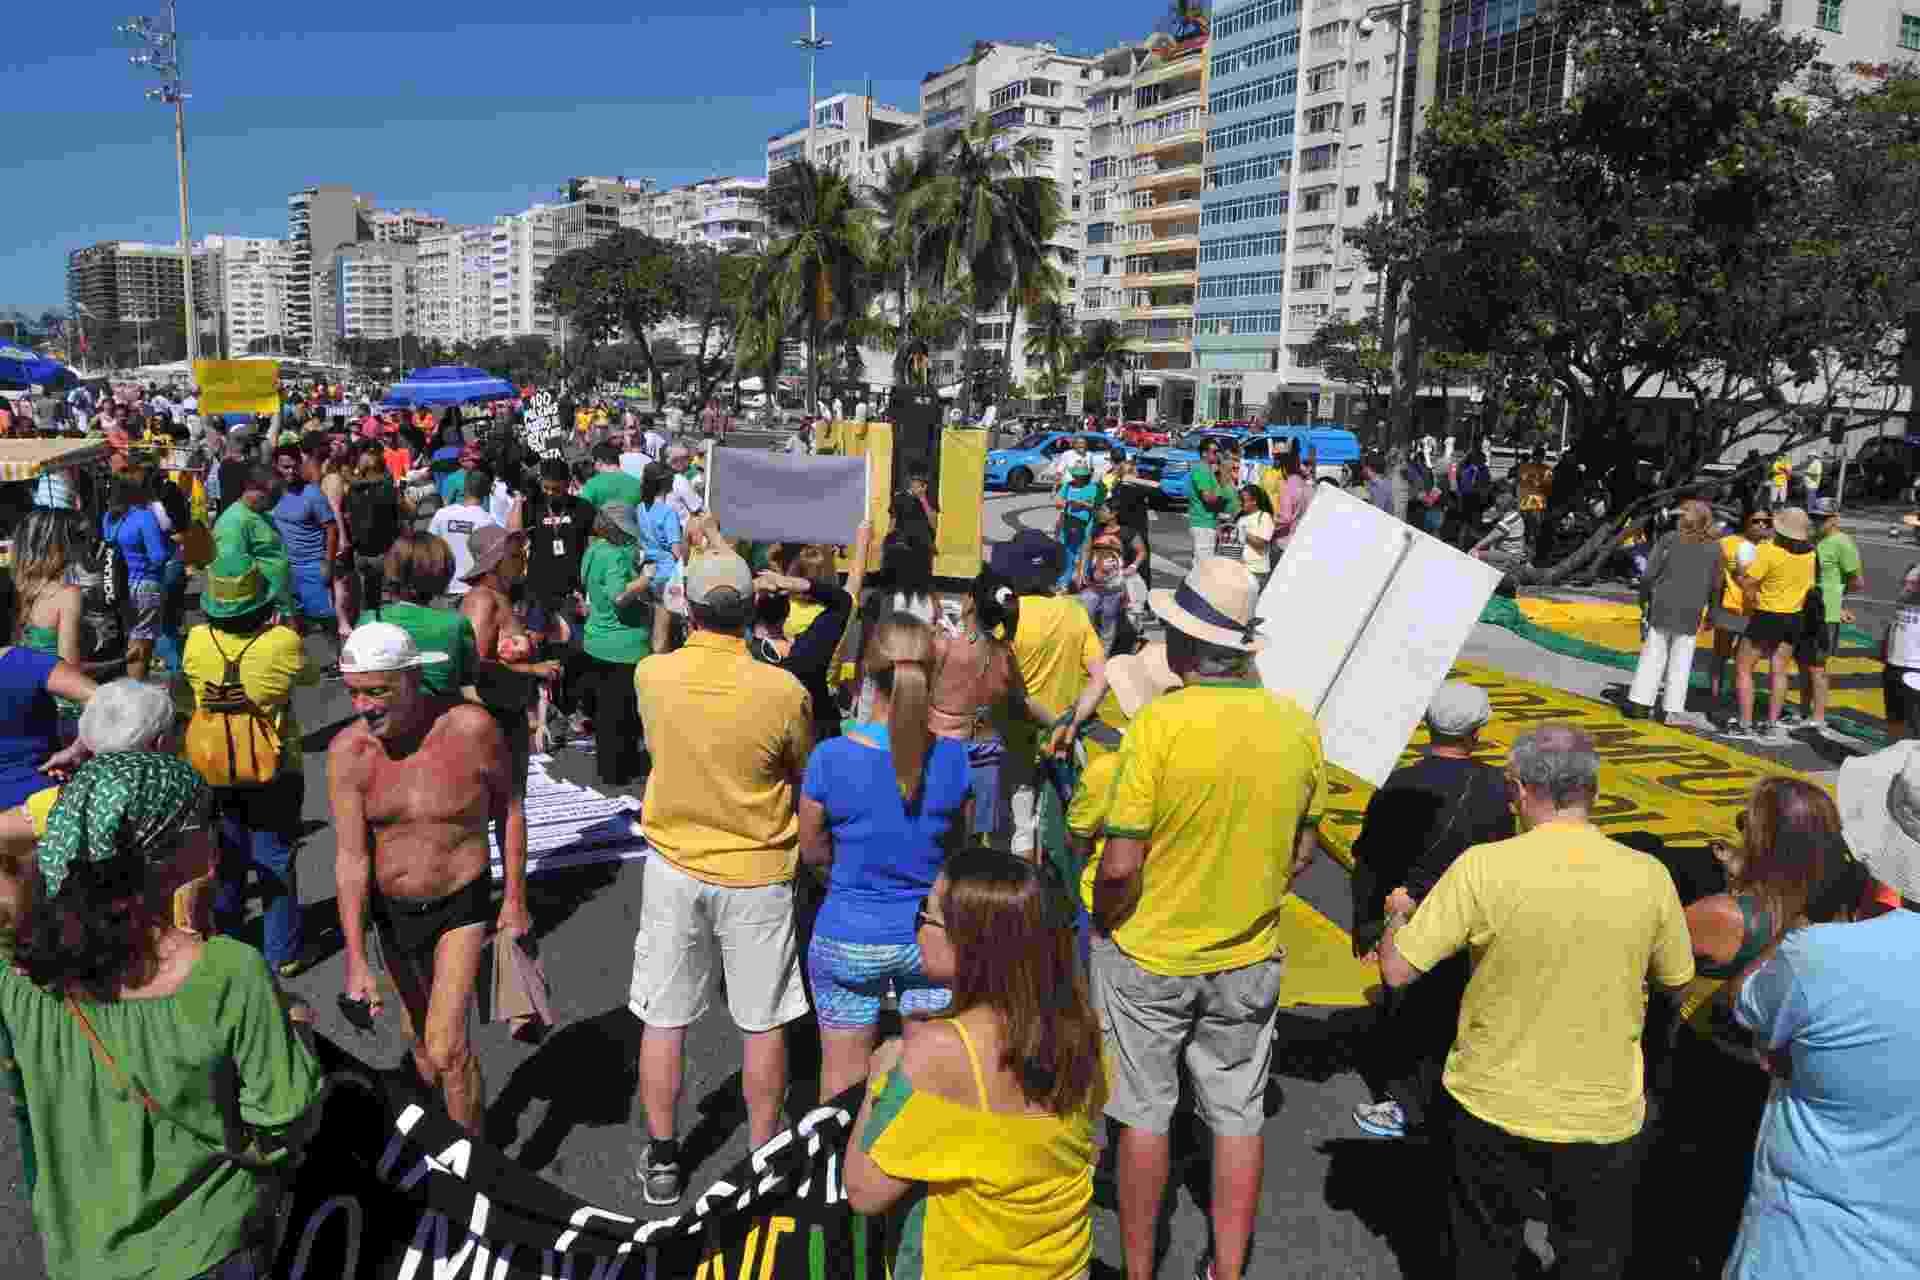 27.ago.2017 - Manifestantes se reúnem em Copacabana, zona sul do Rio de Janeiro (RJ), para protestar contra a impunidade e à favor da renovação política. O ato foi convocado pelo movimento Vem Pra Rua - Alessandro Buzas/Futura Press/Estadão Conteúdo